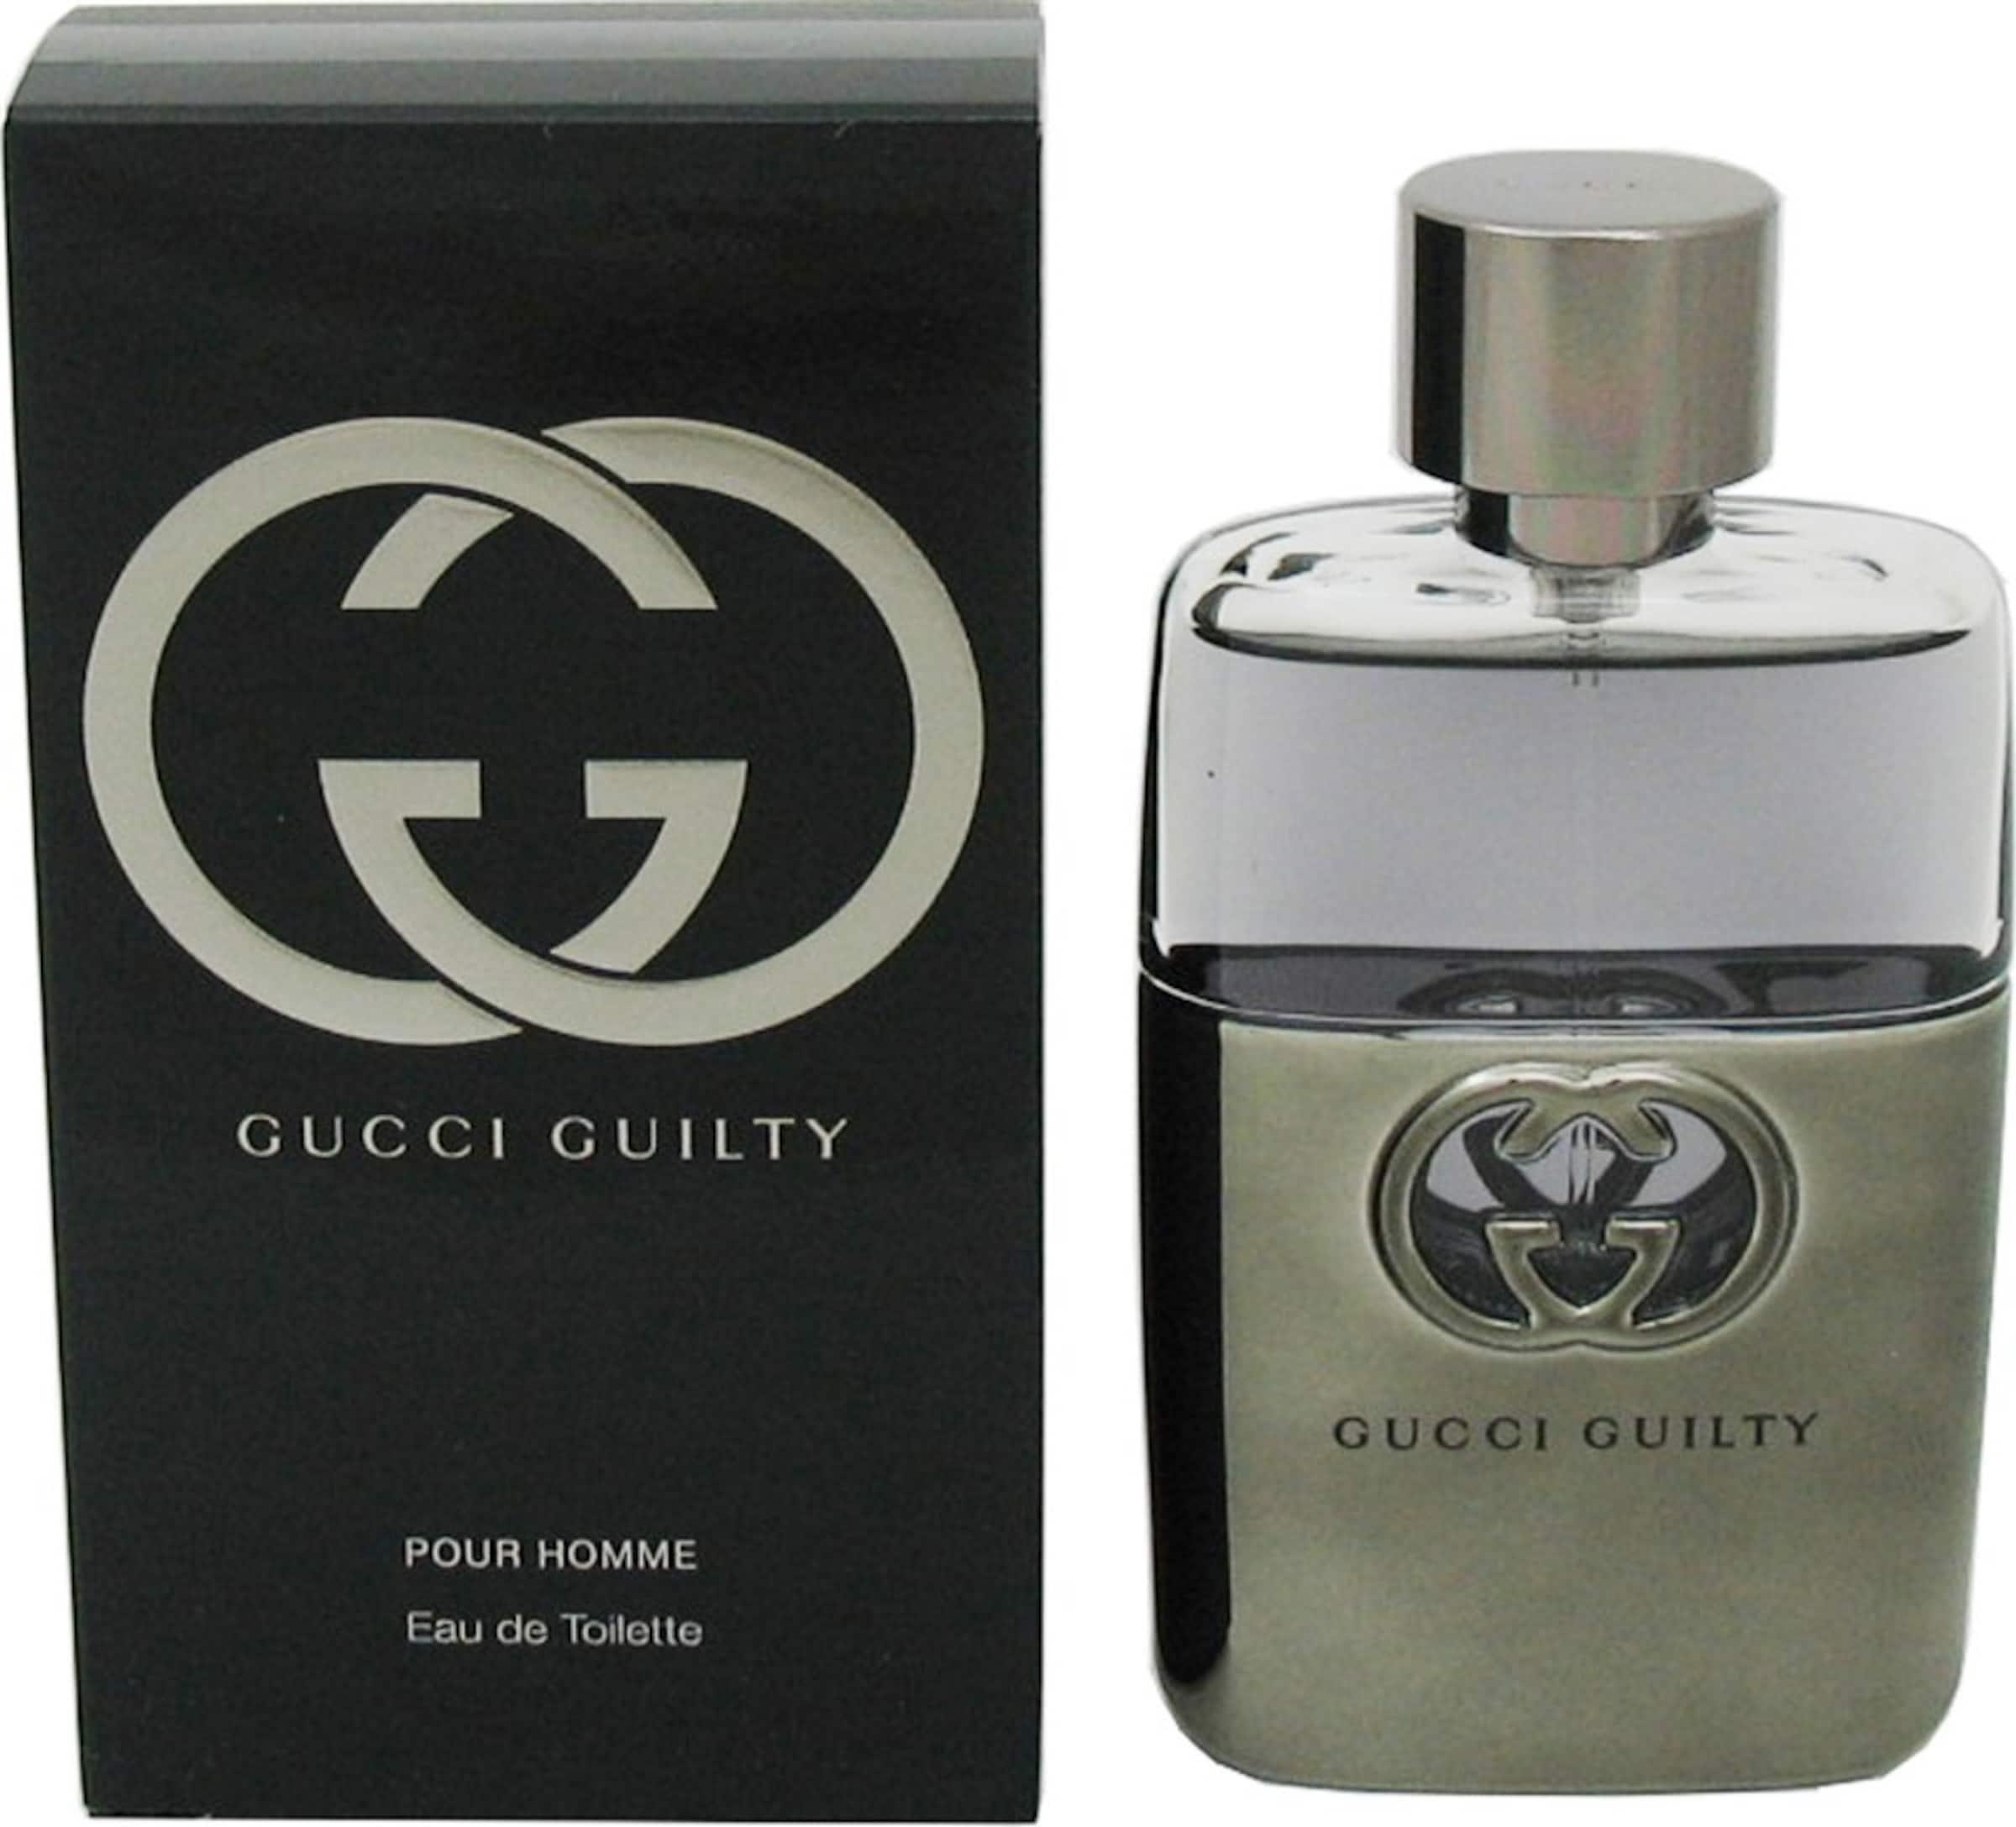 Echt Günstig Online Gucci 'Guilty Pour Homme' Eau de Toilette Rabatt Footlocker Bilder Billig Verkauf Eastbay Größte Lieferant Für Verkauf Spielraum VL7V6T